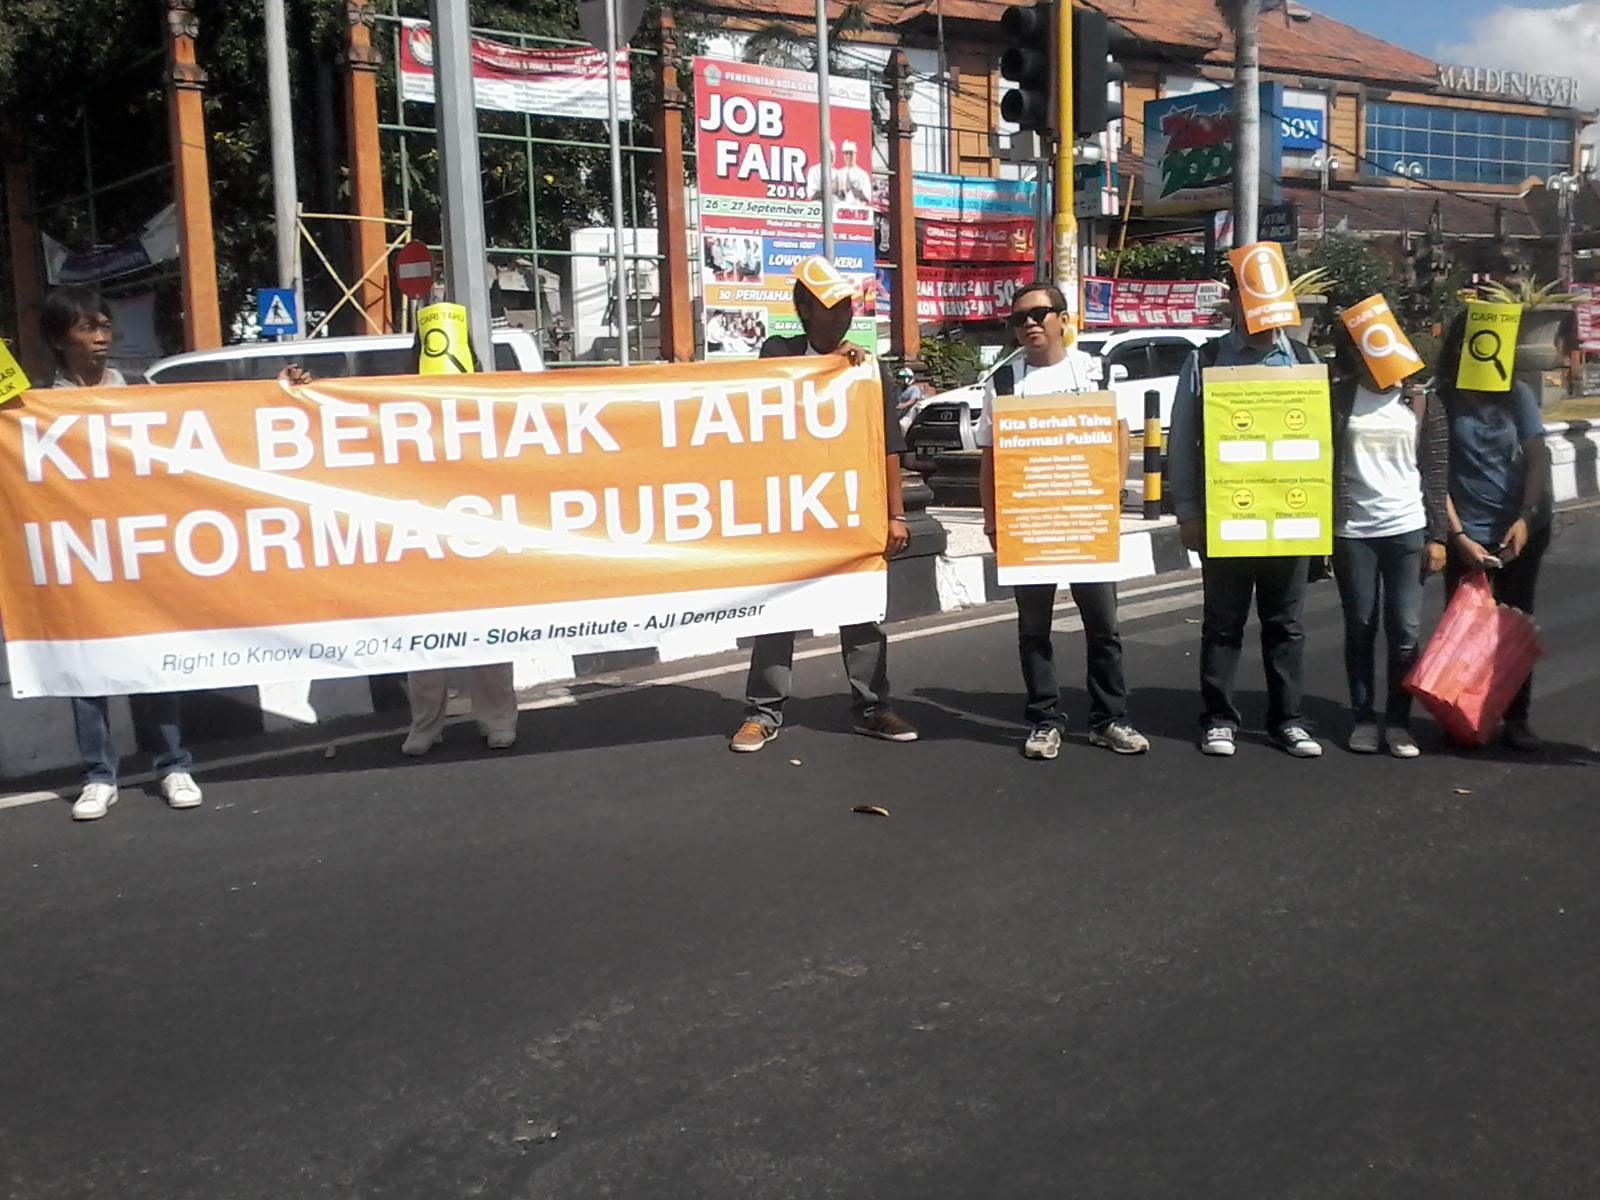 Aksi tuntut hak untuk tahu informasi publik yang berlangsung pada tahun 2014 di Bali